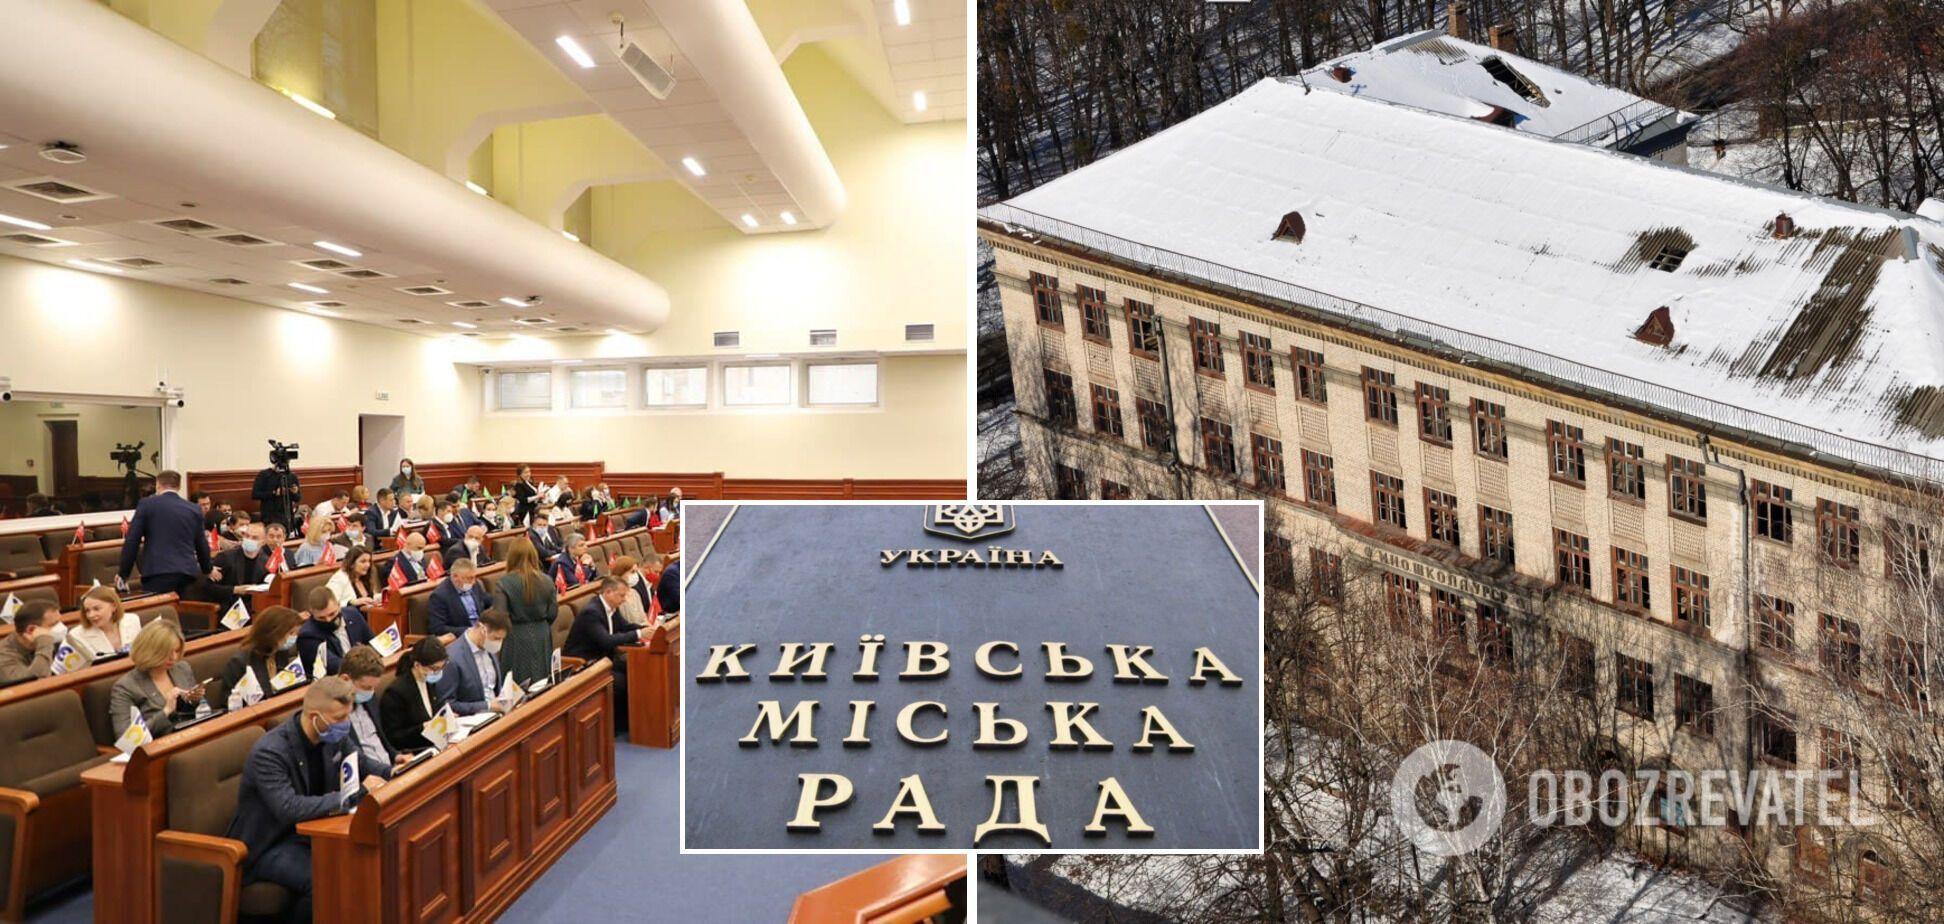 Киевсовет дал разрешение на снос исторического здания в столице, – активист